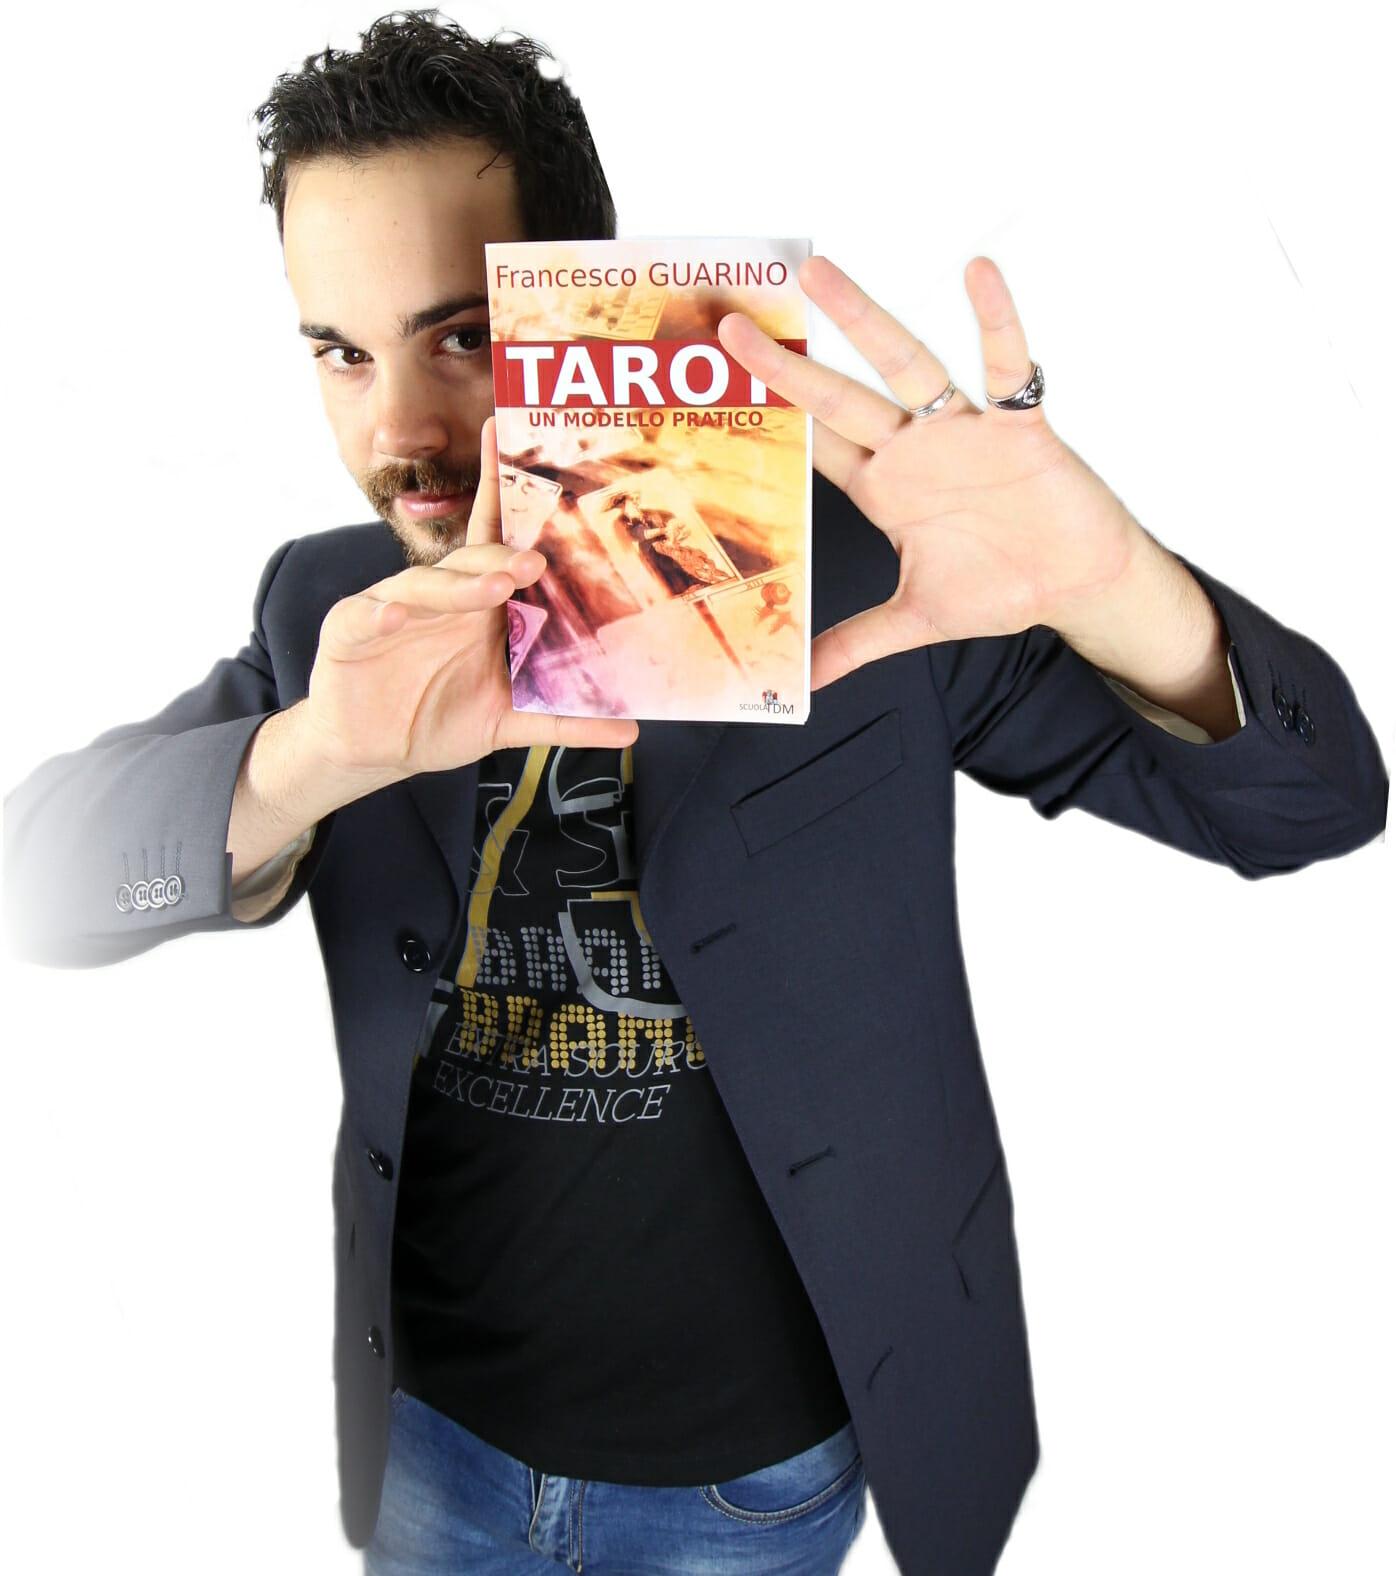 Francesco Guarino Tarot un modello pratico